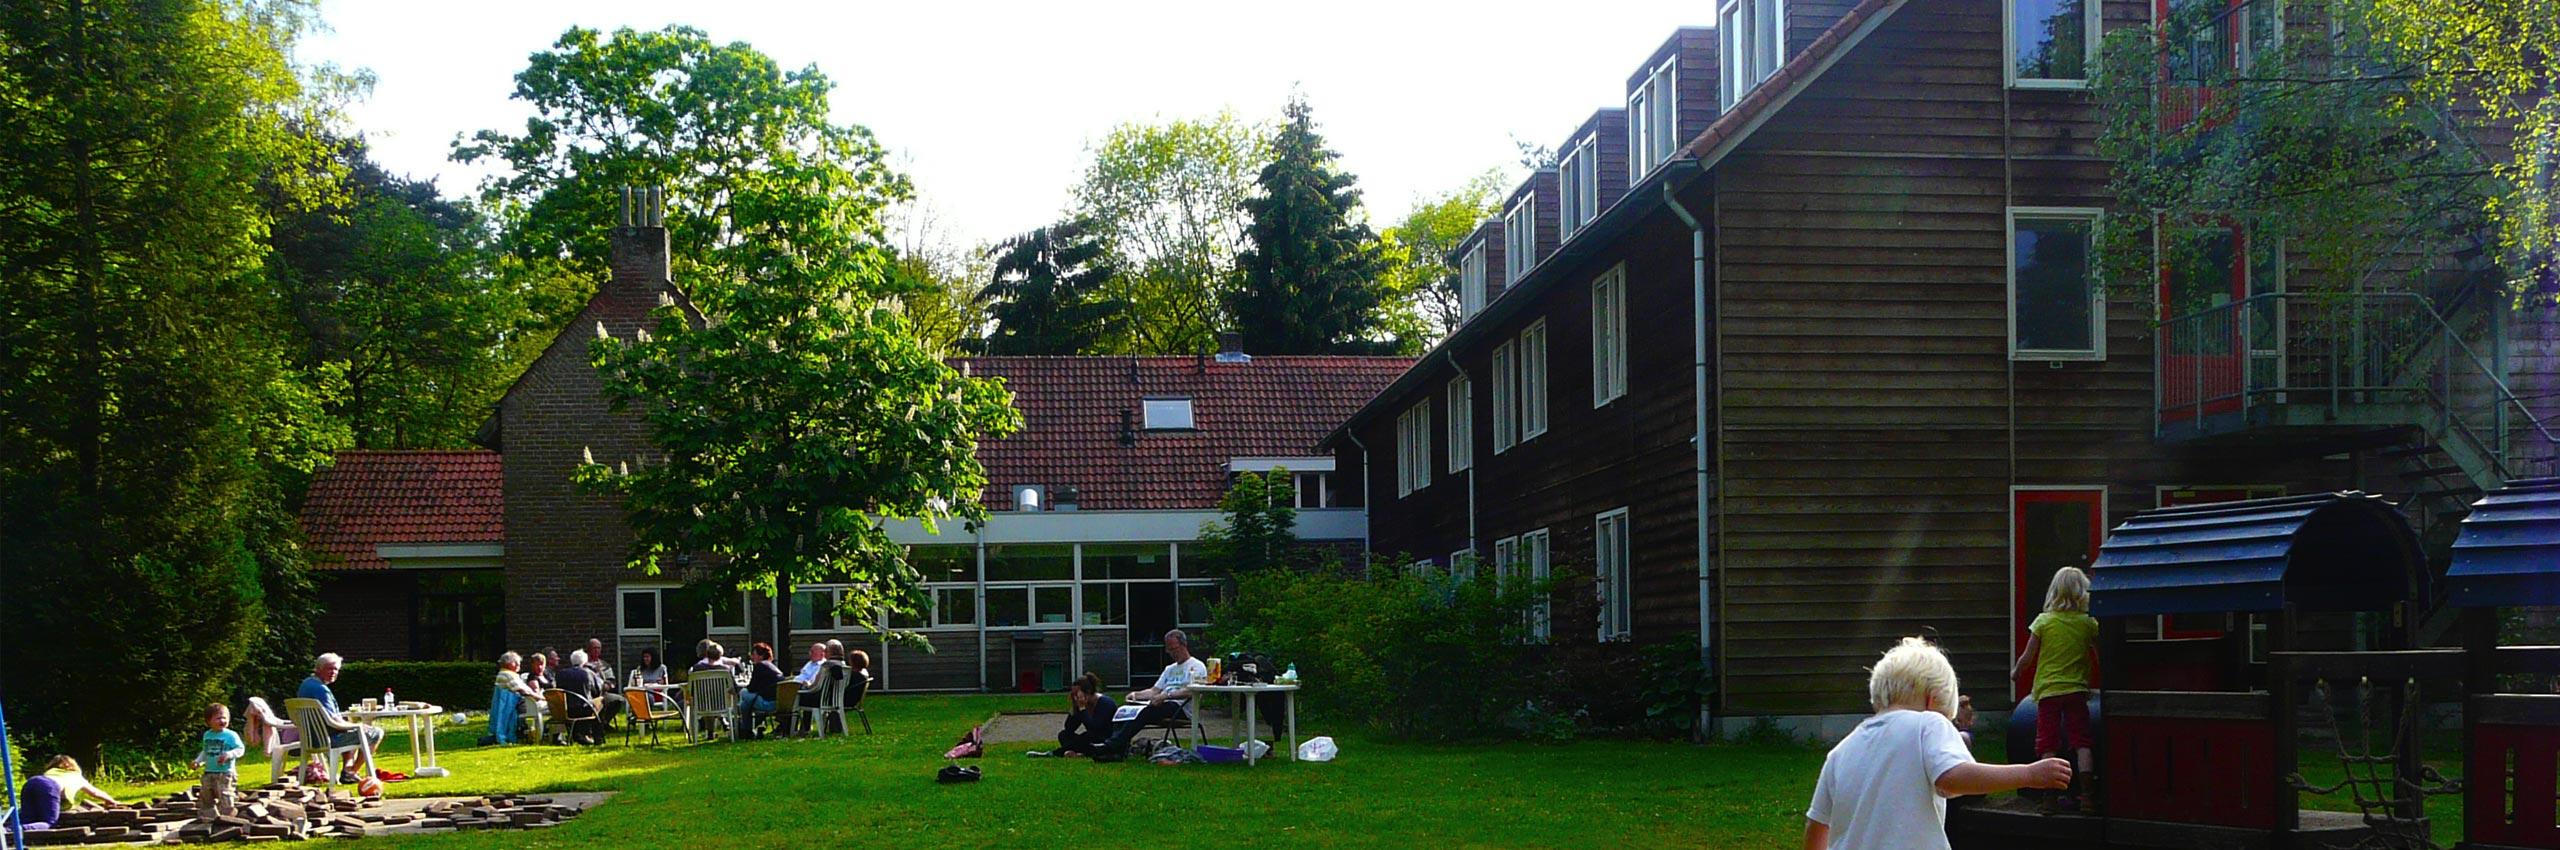 Basis-Nivon-Morgenrood-Home